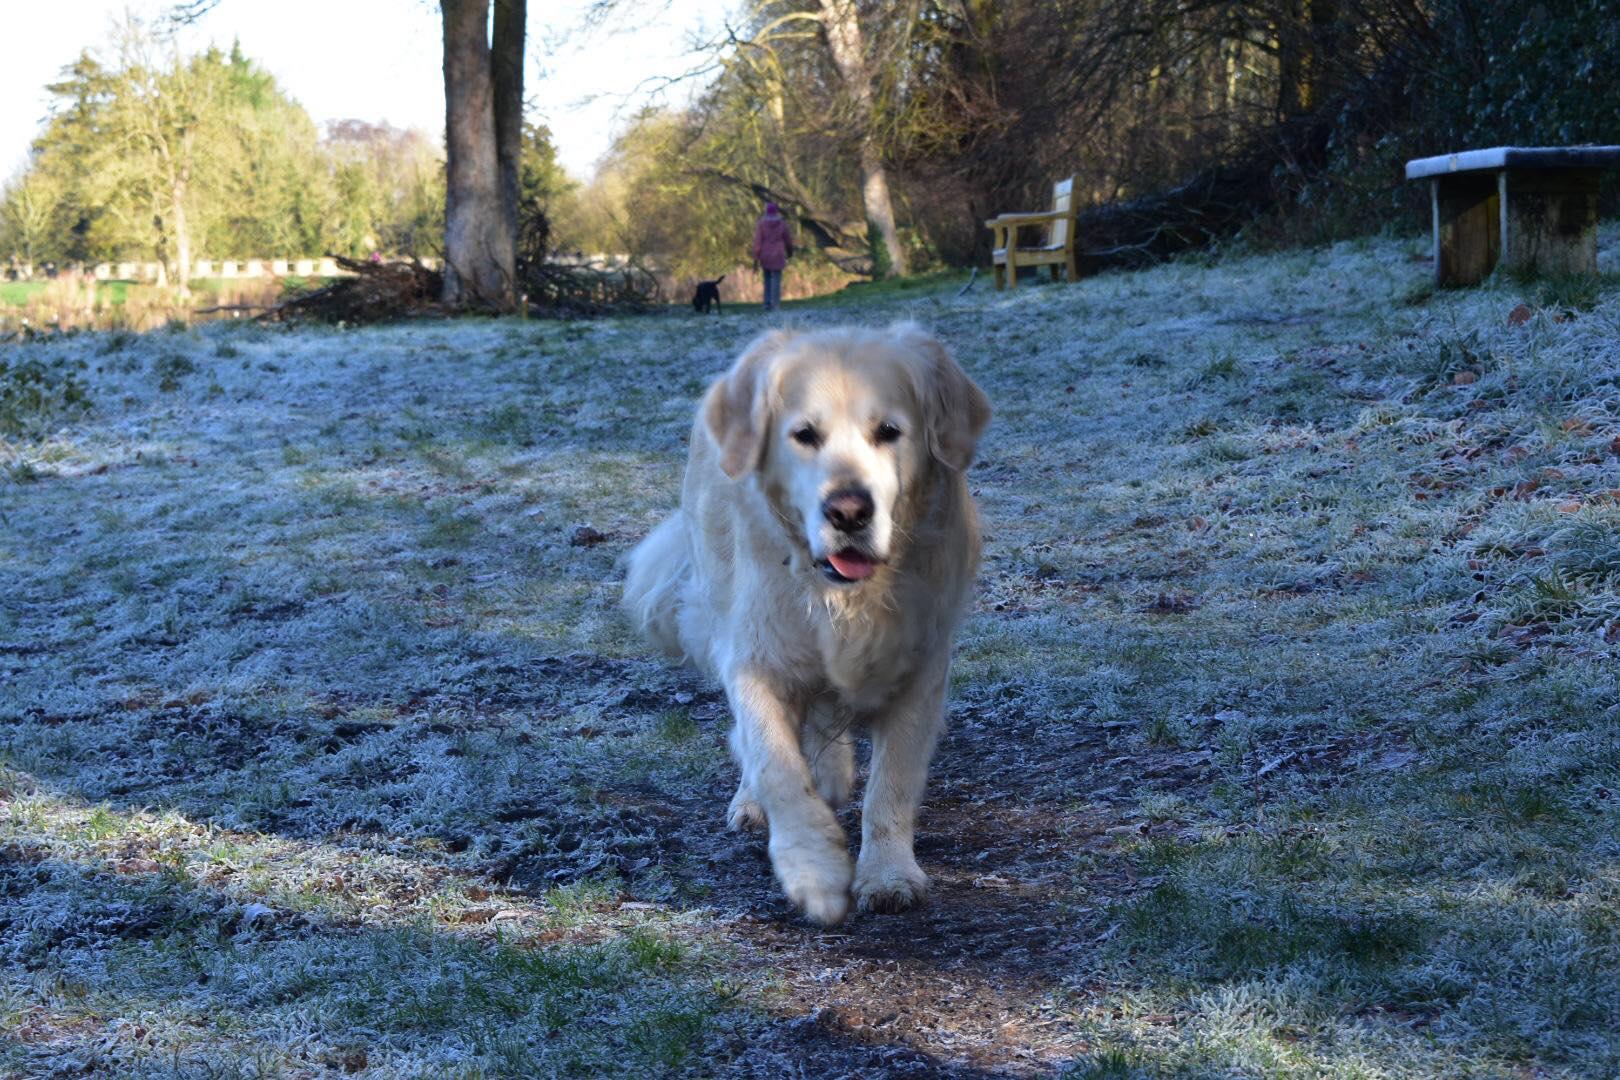 Thomas the golden retriever enjoying his walk at Lydiard Park. Photo by Bethany Fry